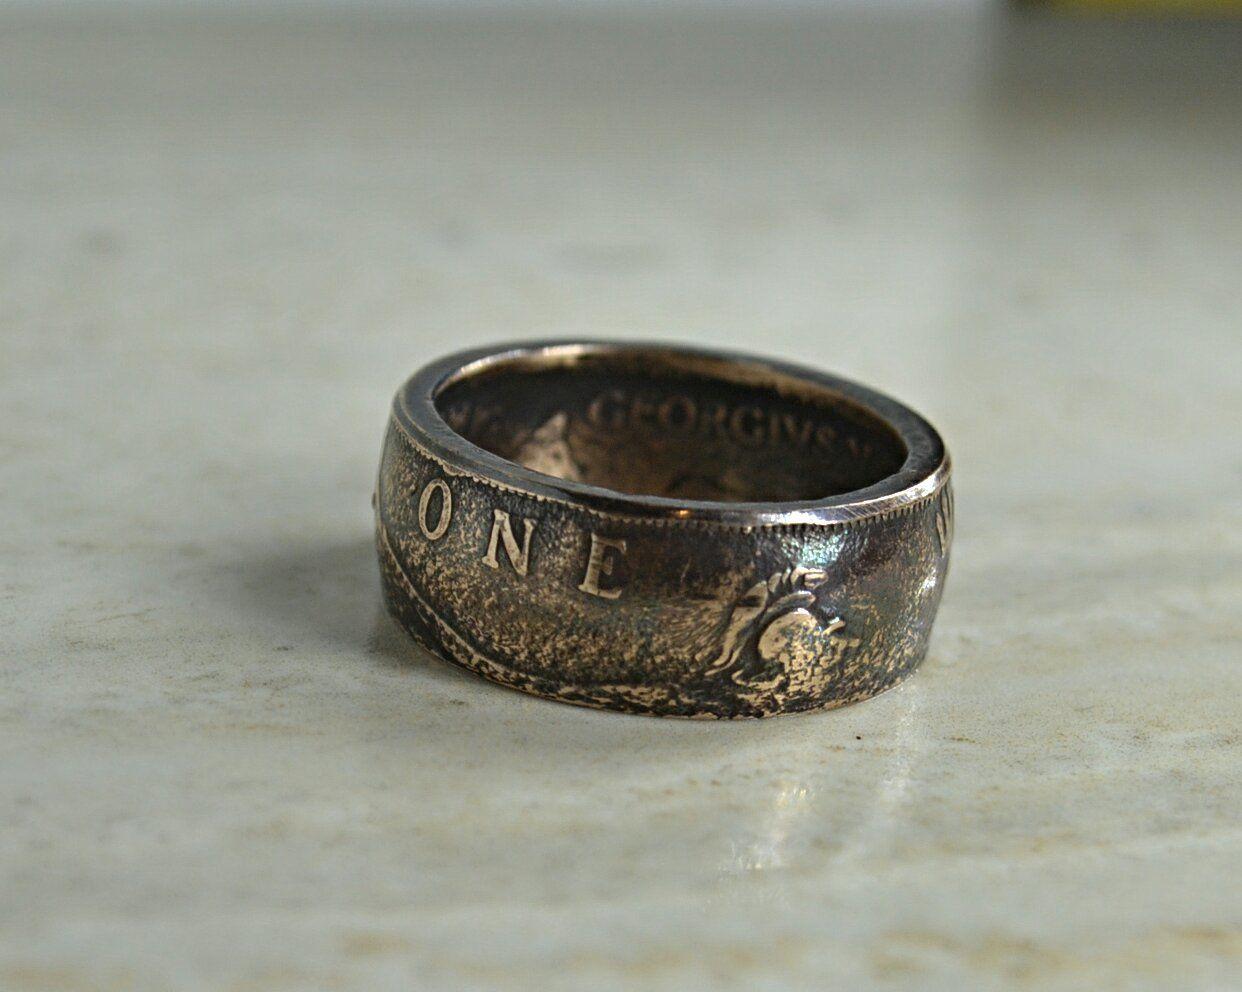 coin ring on finger